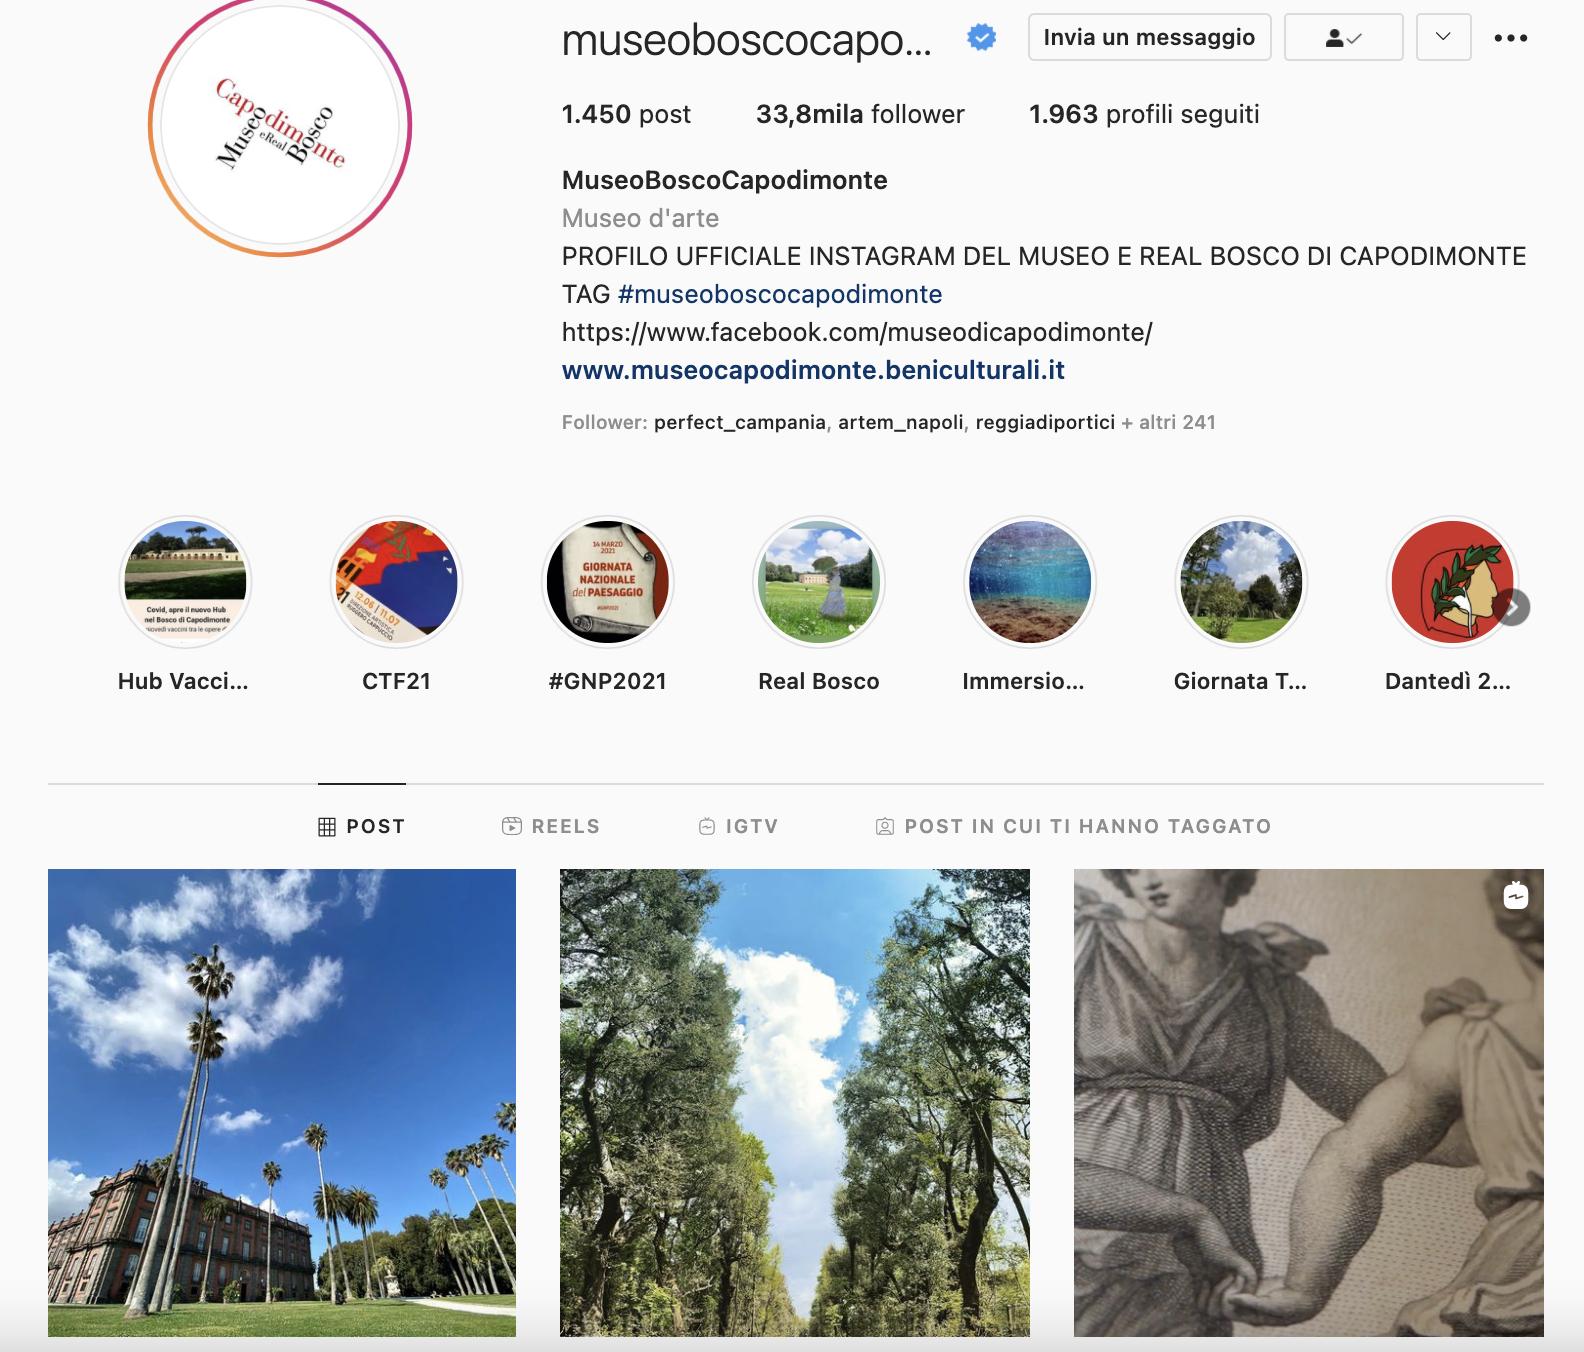 Feed Instagram Museo e Real Bosco di Capodimonte